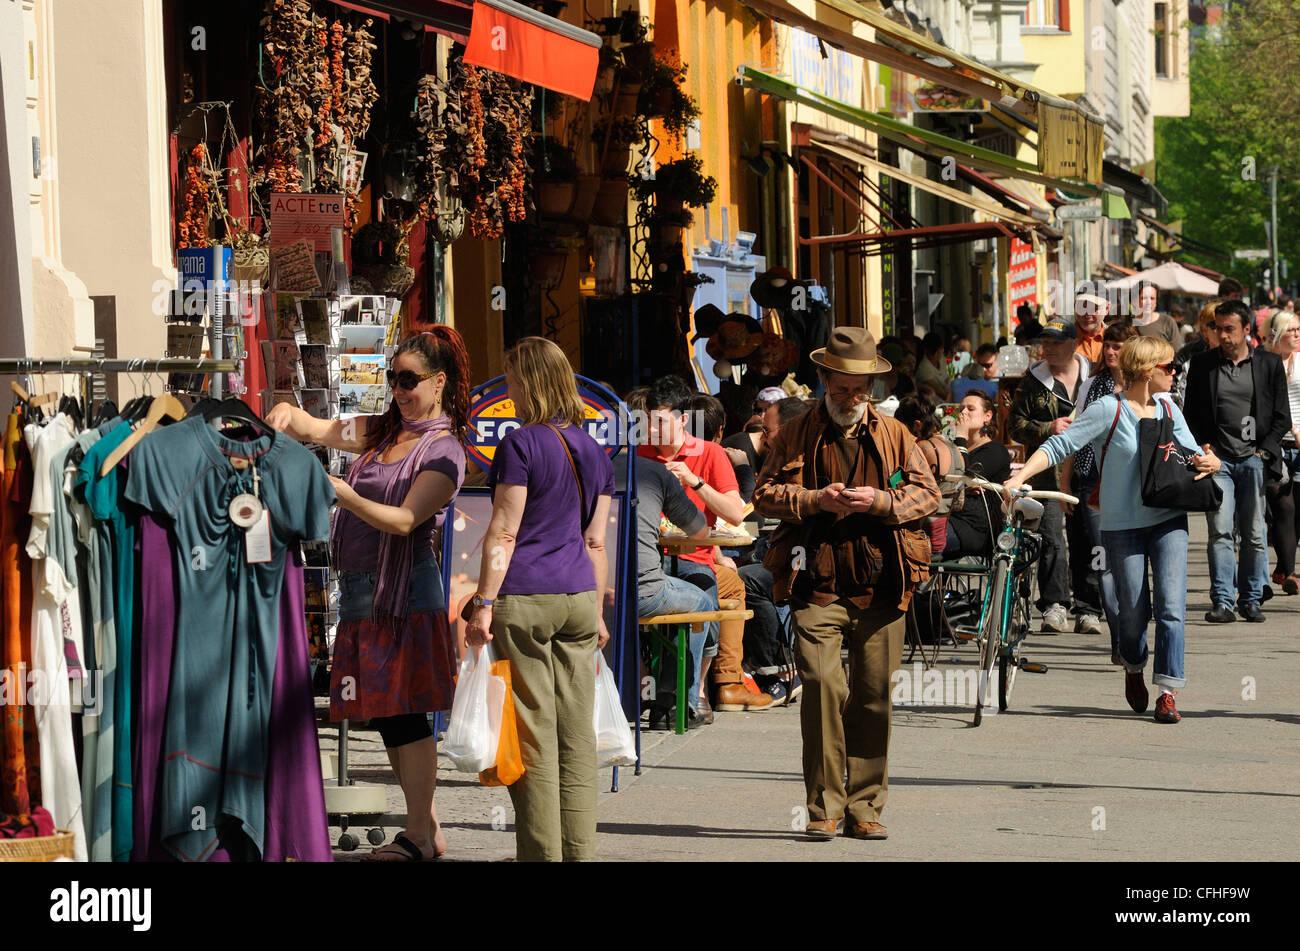 Street cafes, restaurants, shops, pedestrians on Bergmannstrasse, popular shopping street in Berlin Kreuzberg, Berlin, - Stock Image